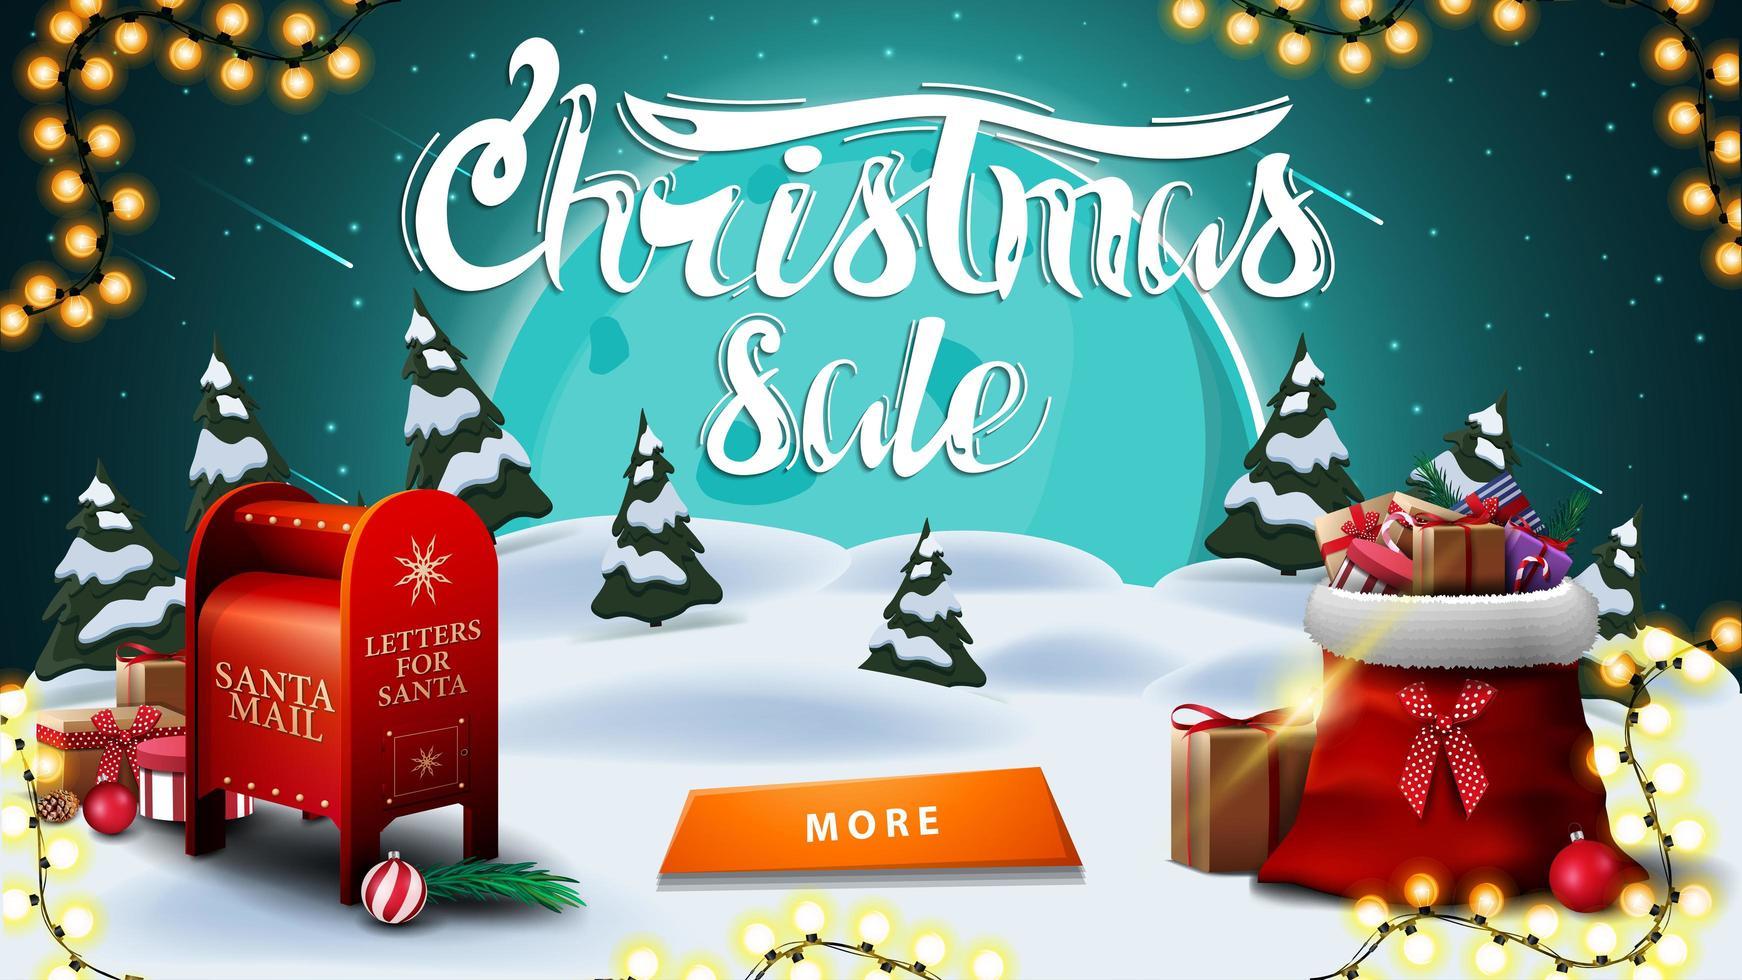 jul försäljning, rabatt banner med vinterlandskap. storblå måne, stjärnhimmel, krans, knapp, jultomten brevlåda och jultomten väska med presenter vektor